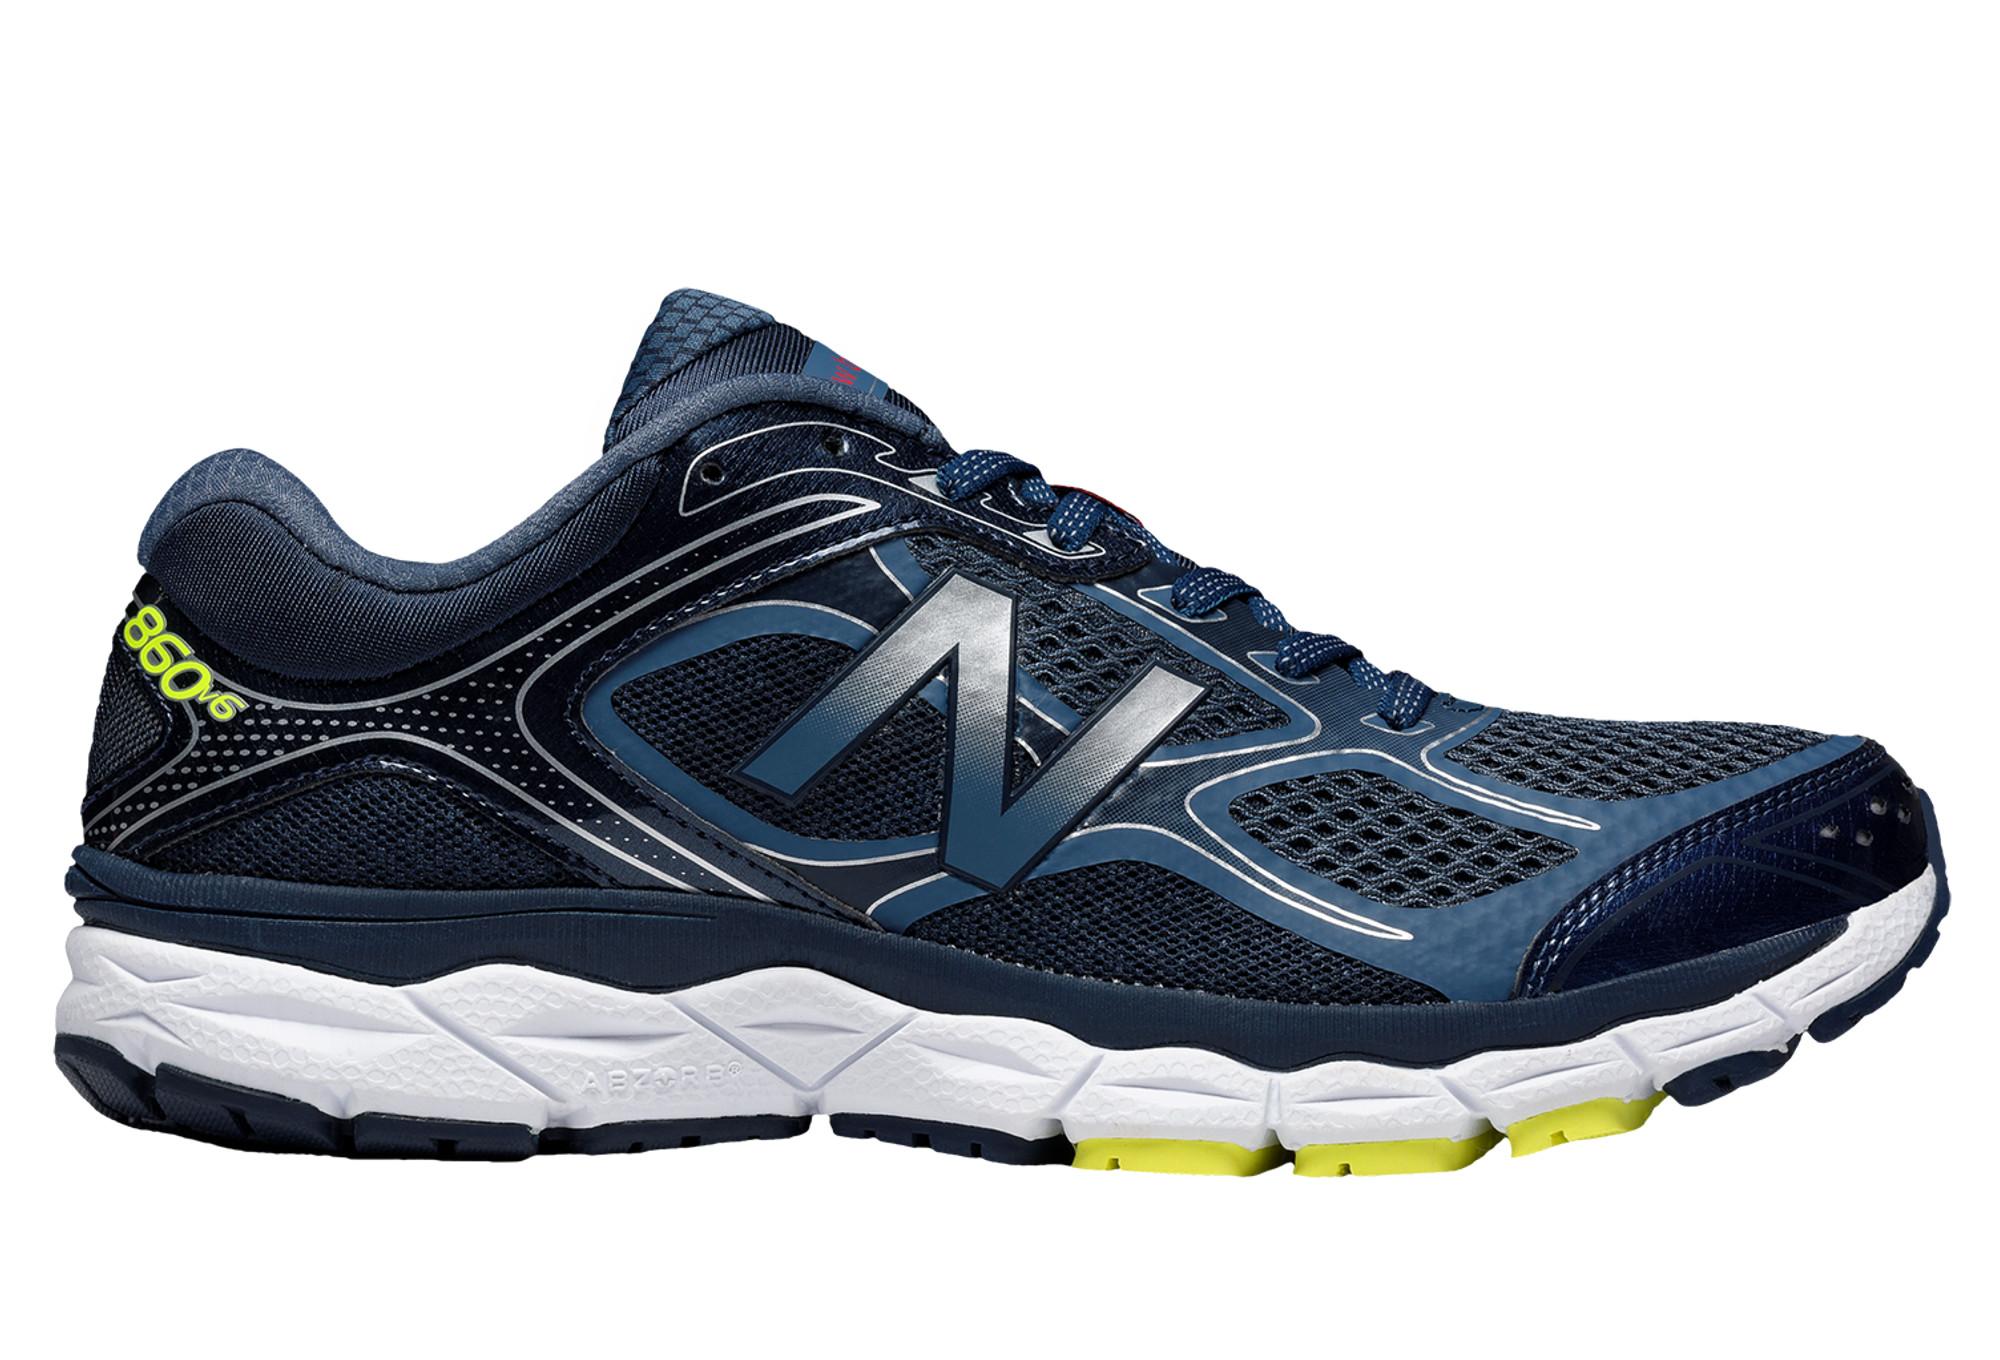 Chaussures Homme M860 d q4 new balance noir à partir de